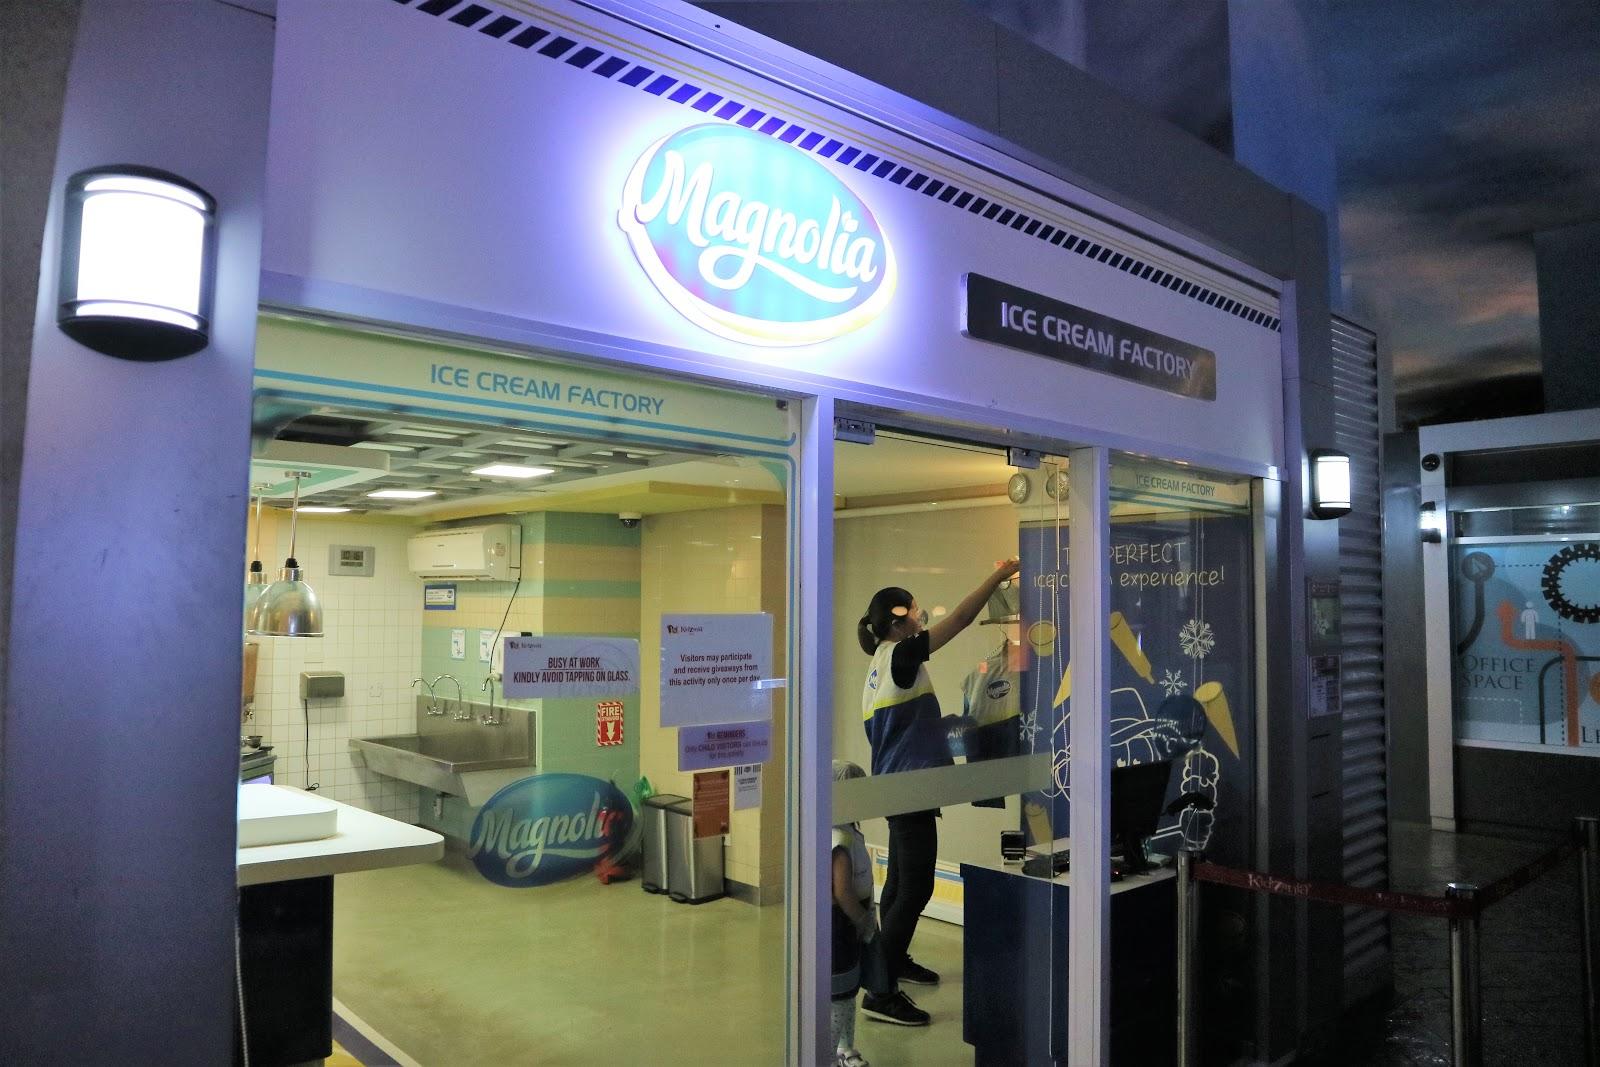 Magnolia Ice Cream Factory in KidZania Manila